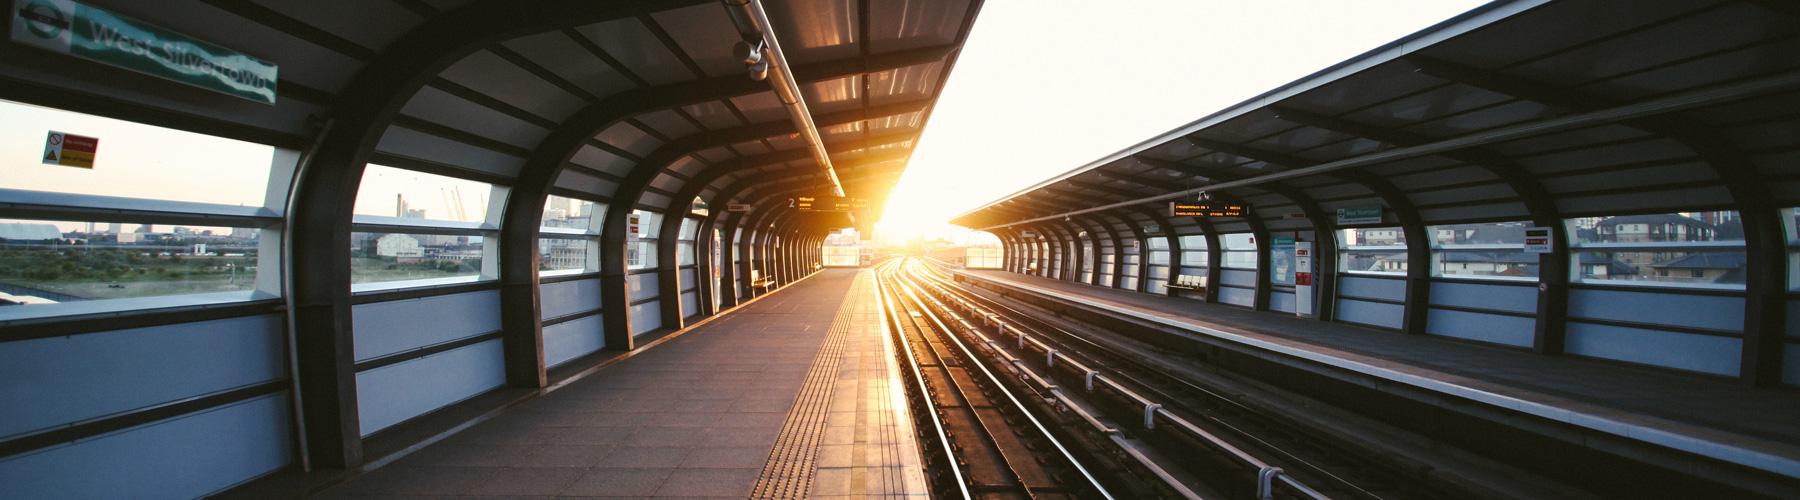 Train_Platform_S_Charles_1800x500